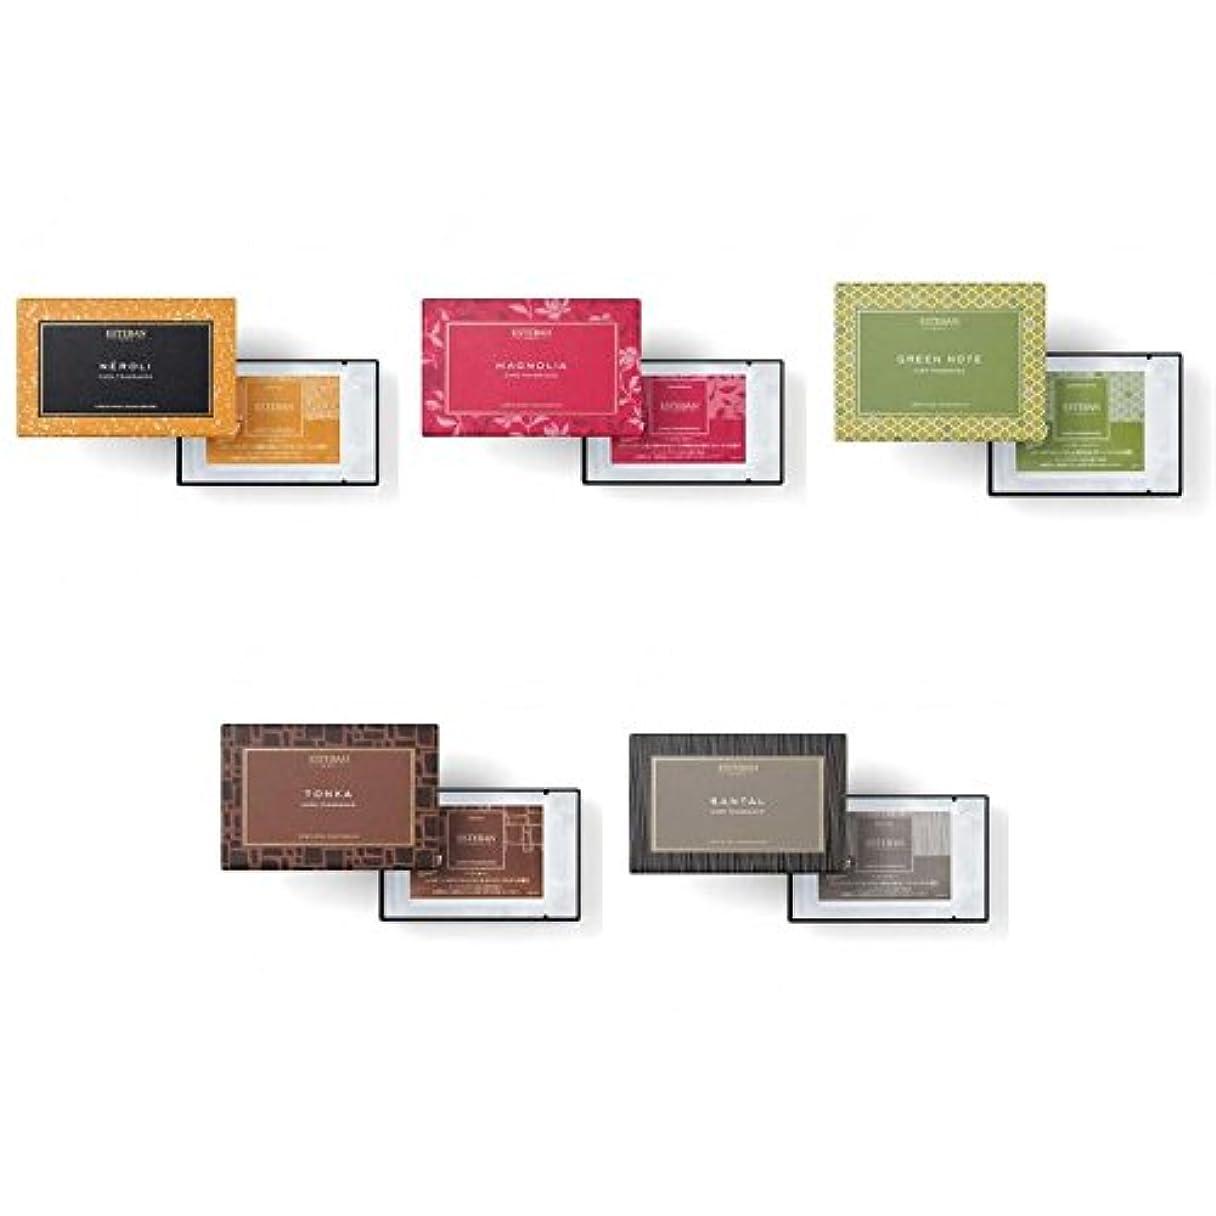 アコード六代数エステバン カードフレグランス 5種セット